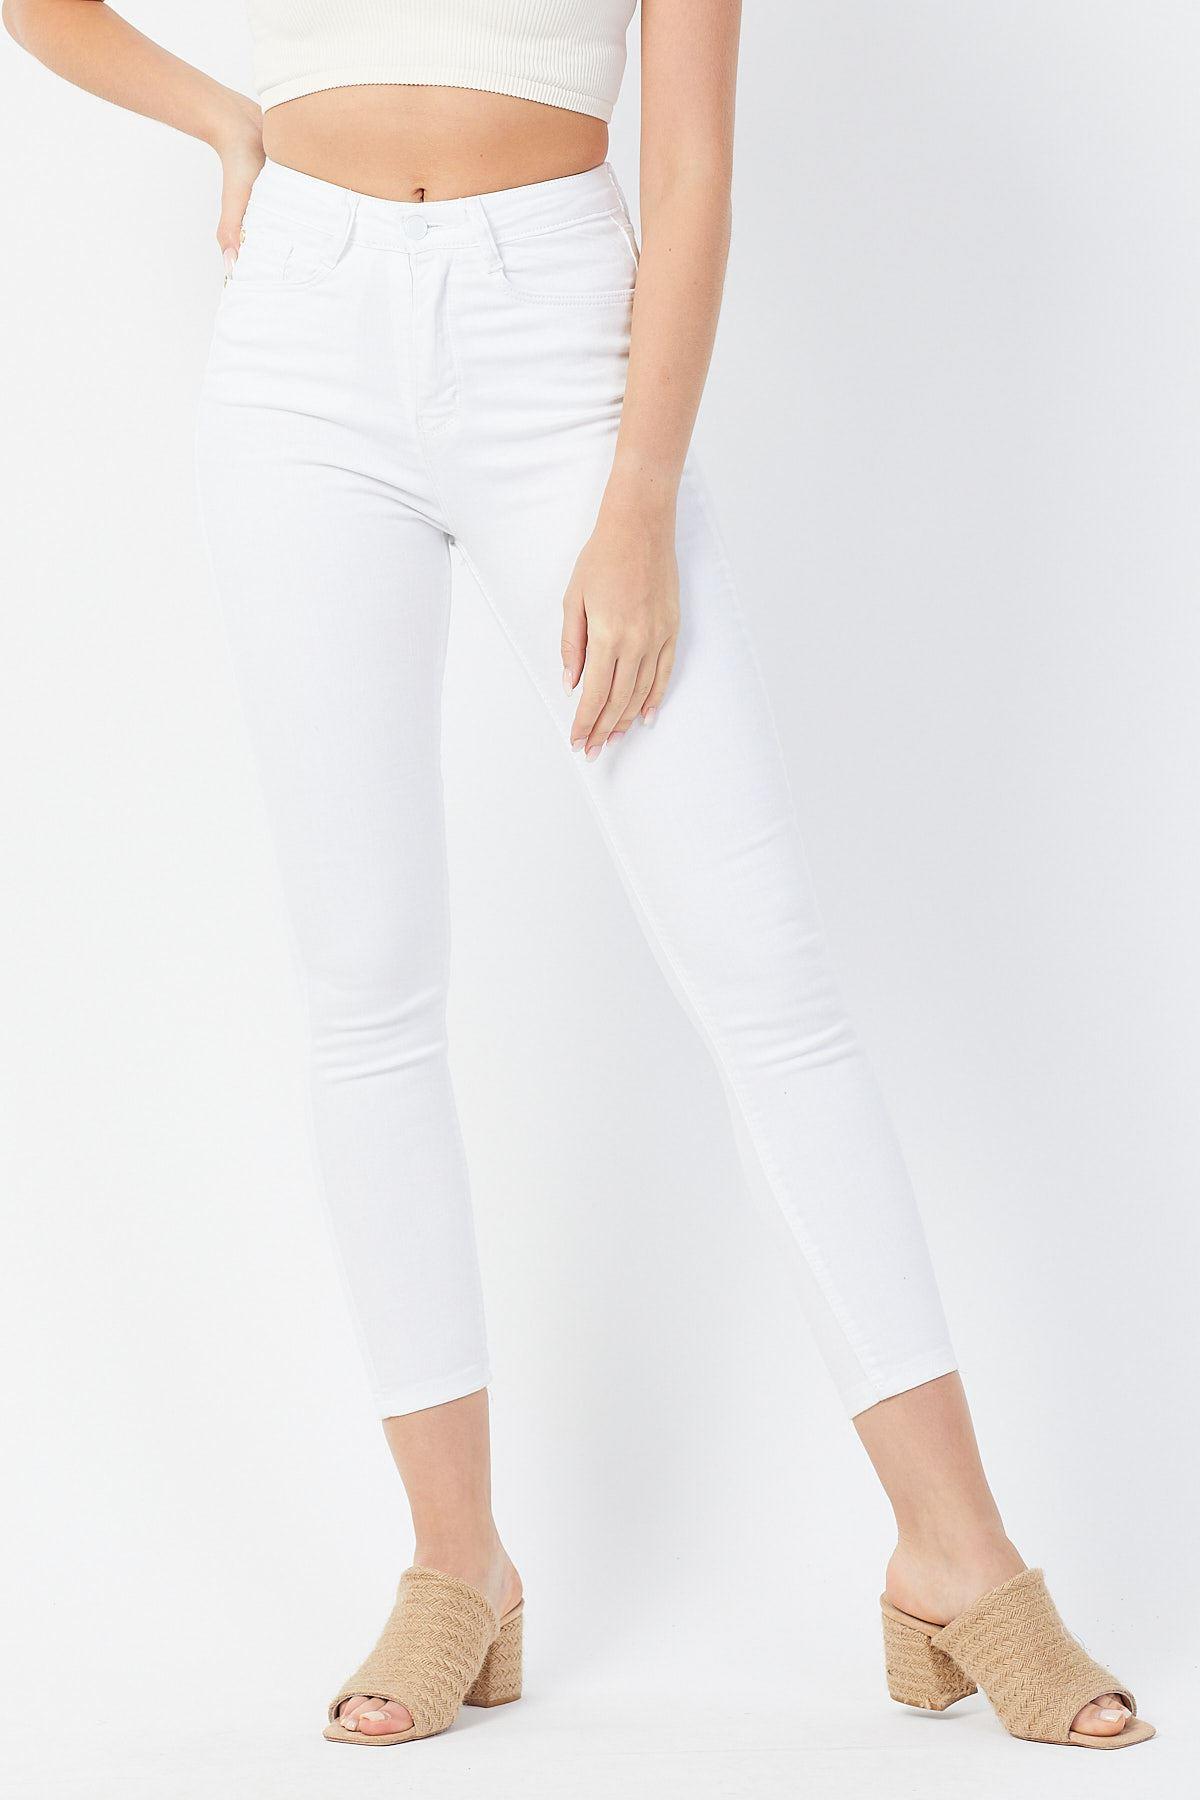 Beyaz Kot Pantolon